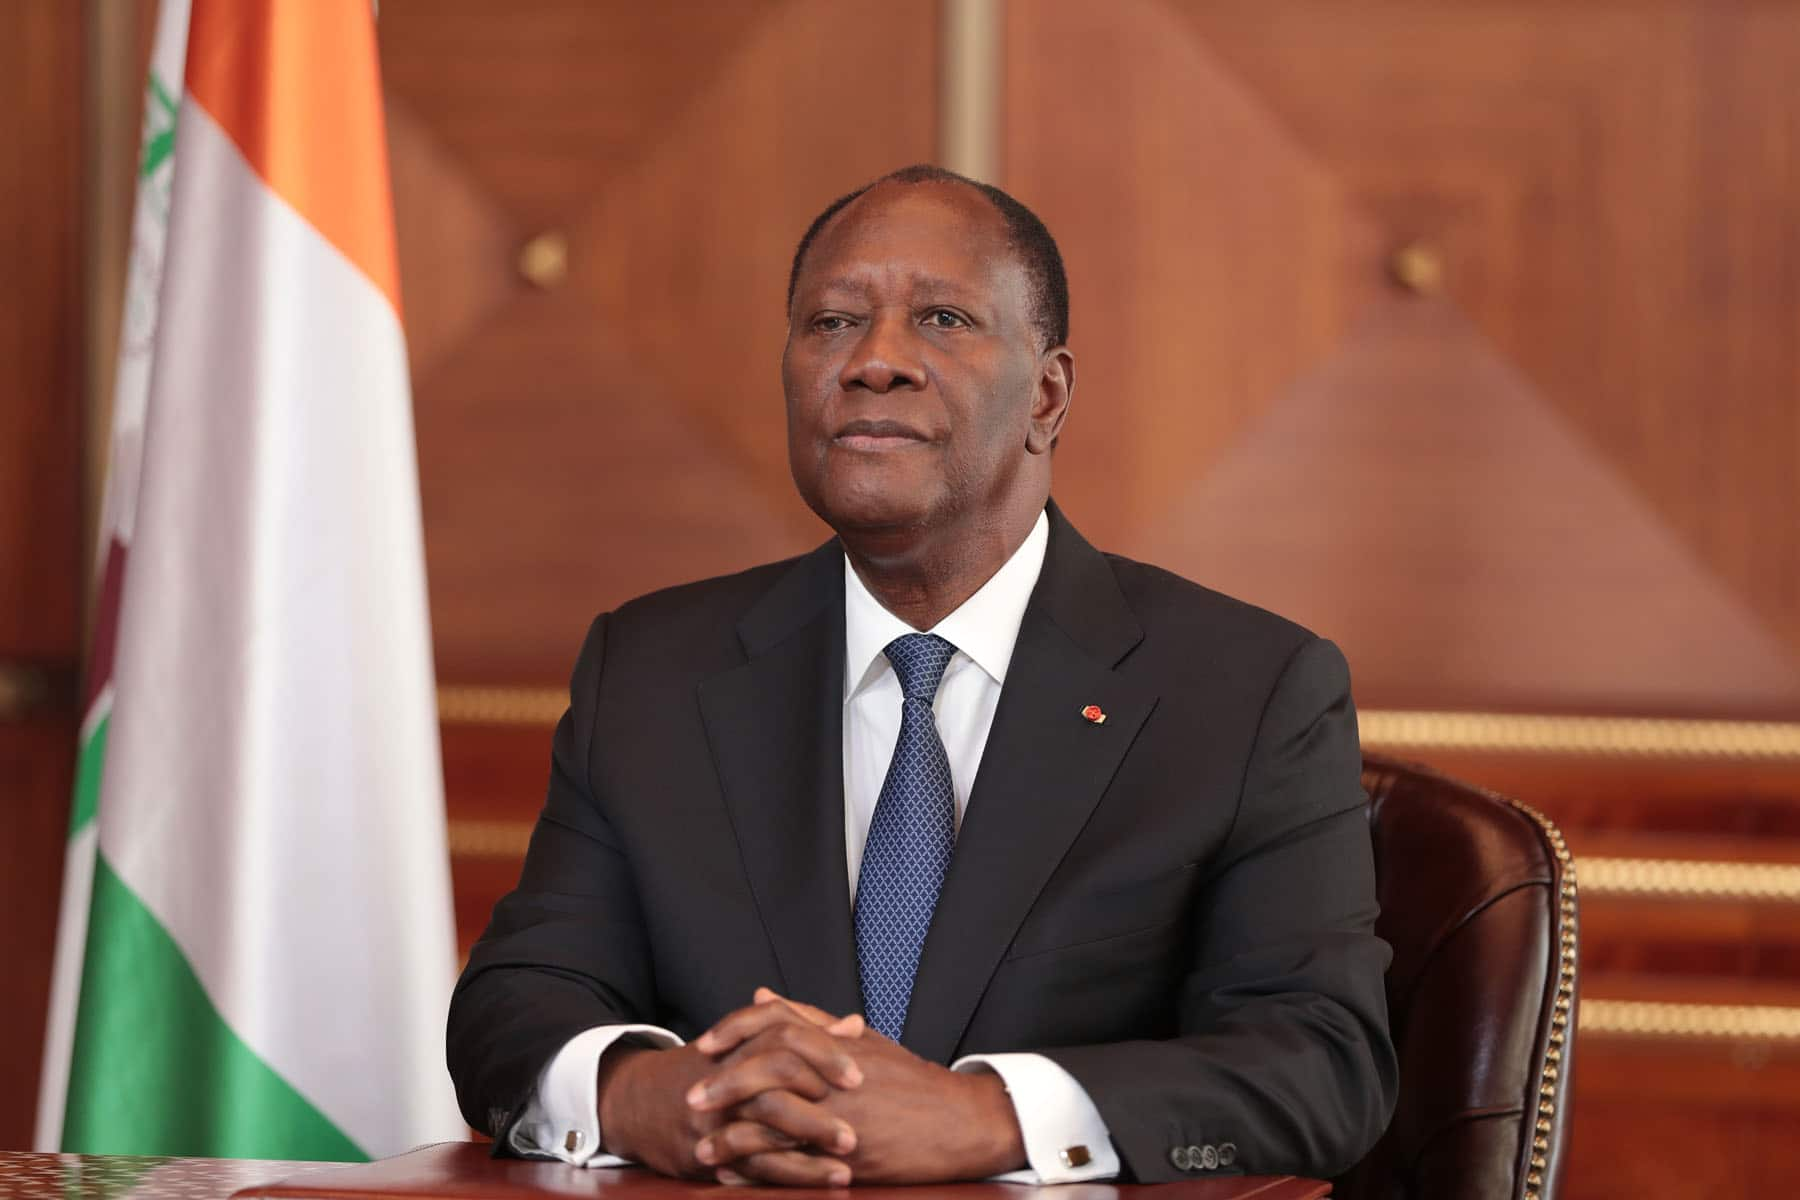 Alassane Ouattara chef d'état ivoirien